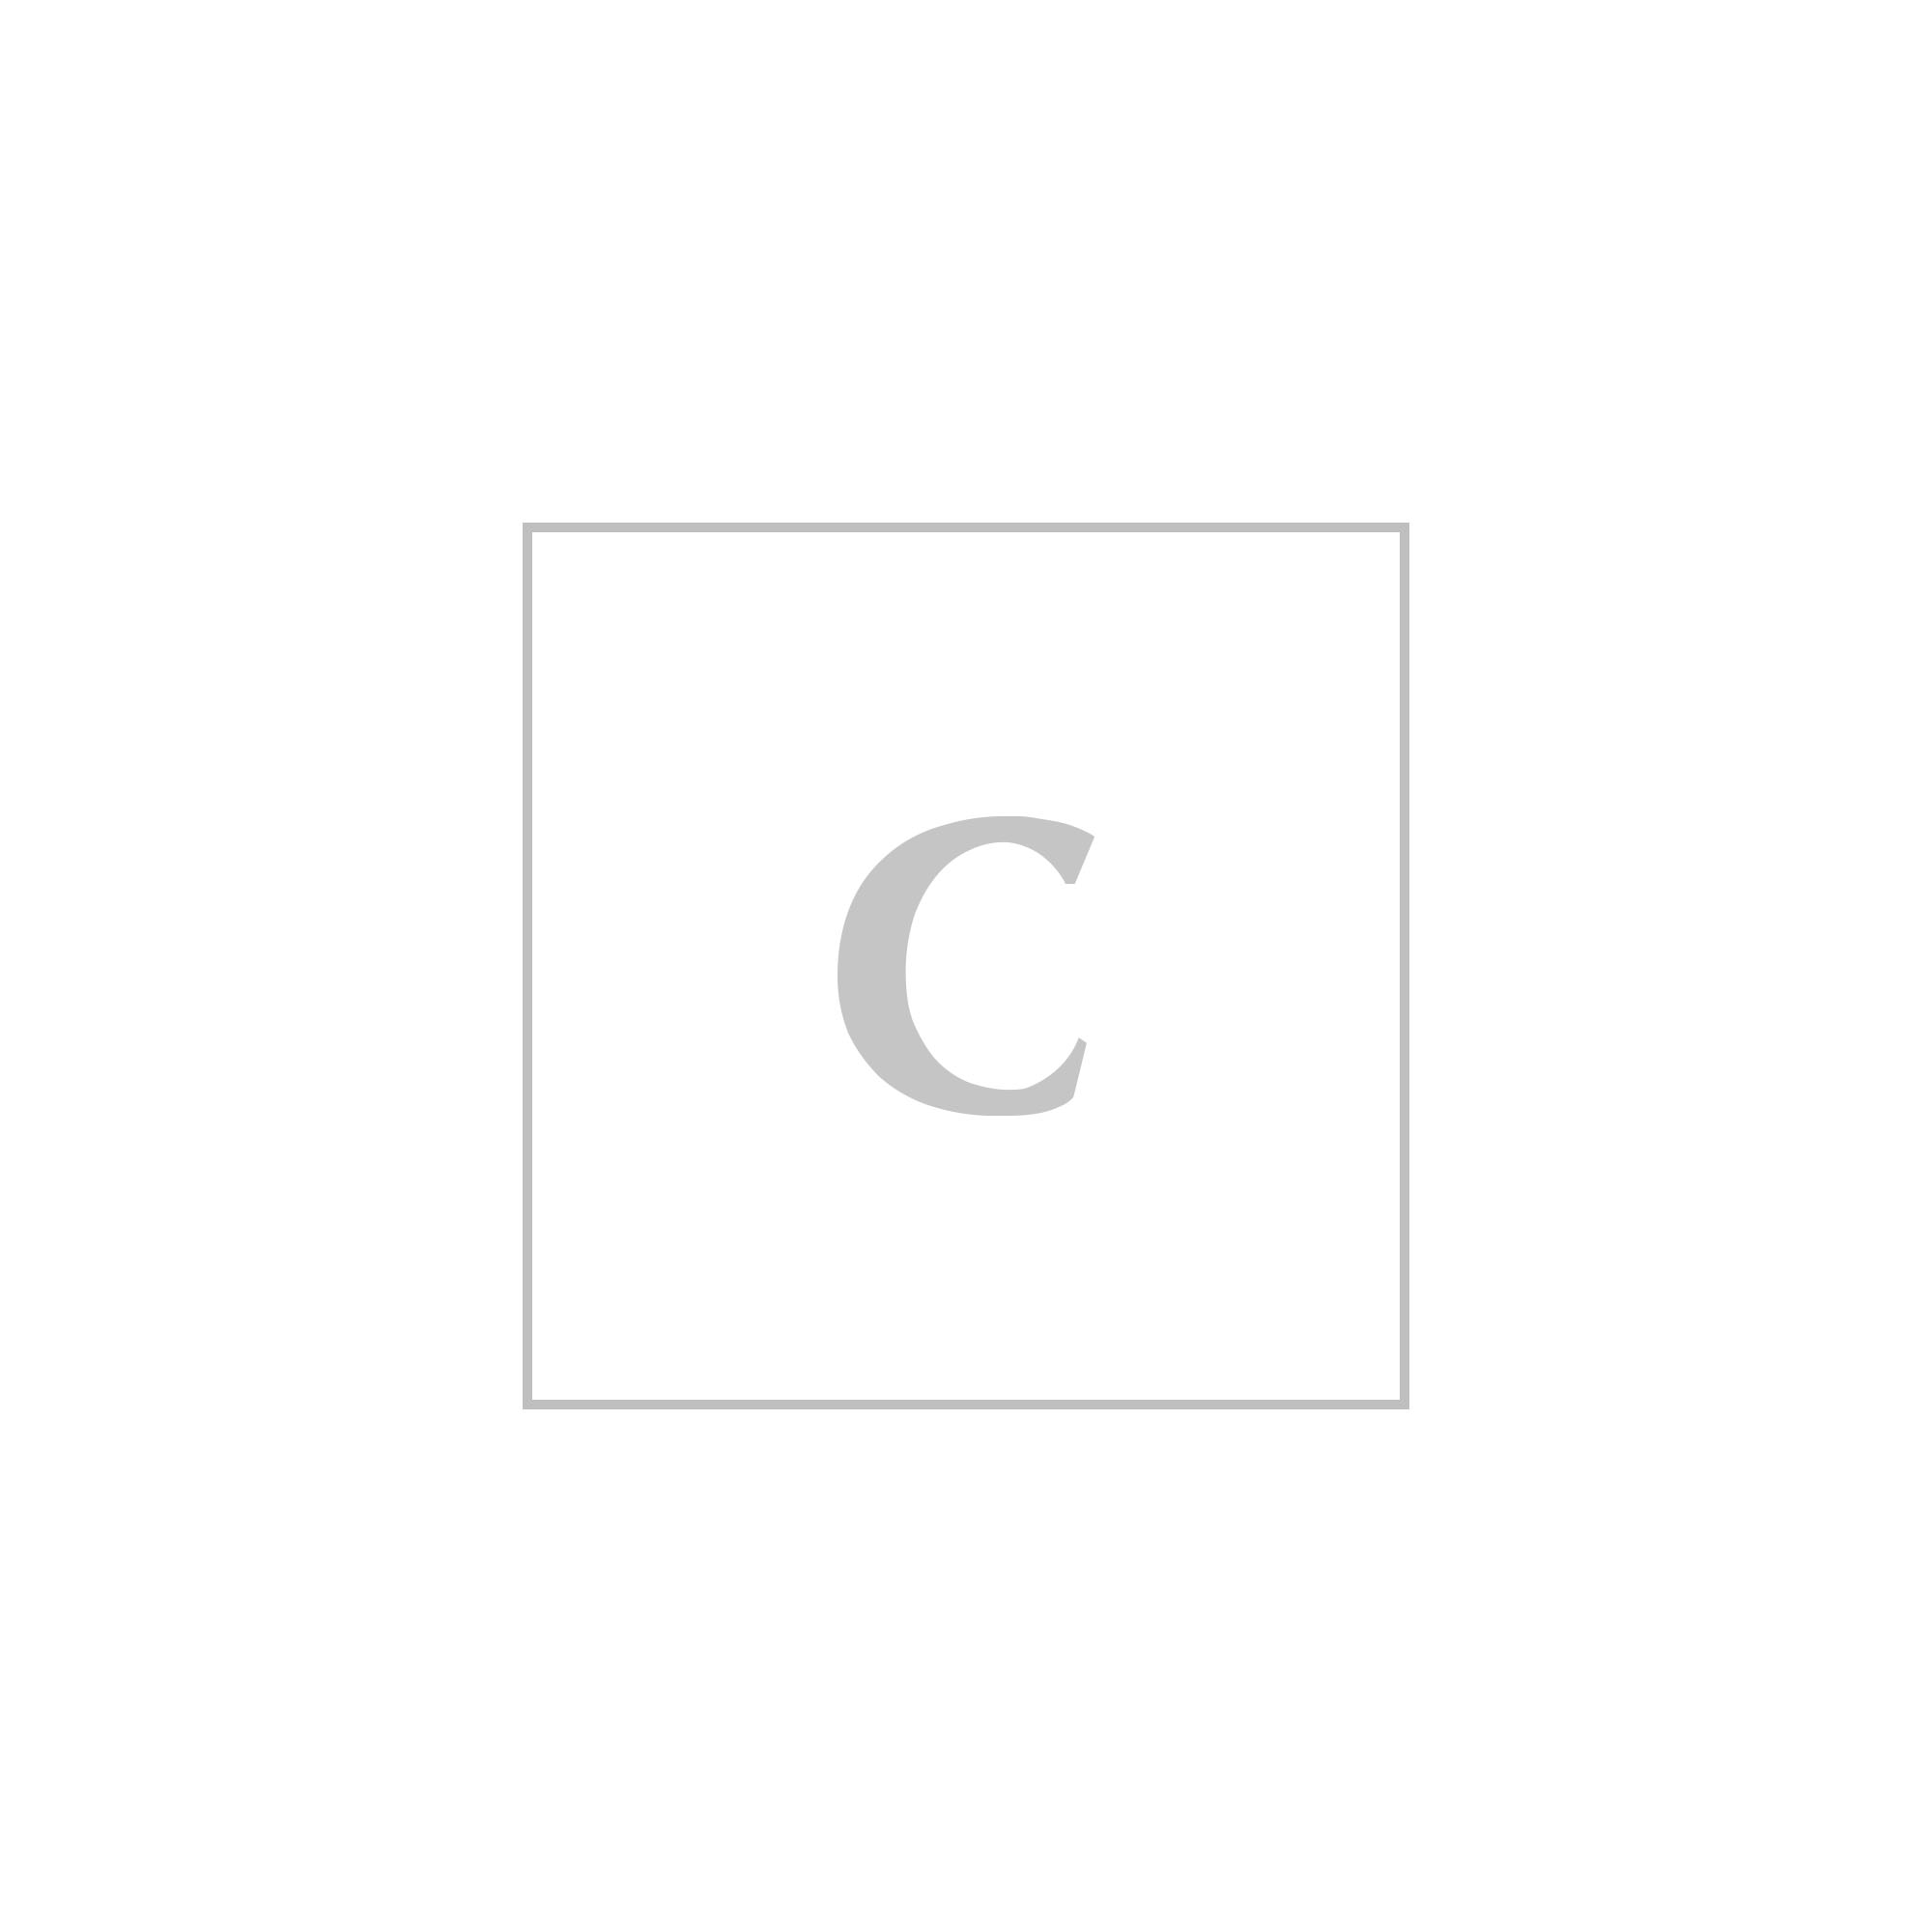 Salvatore ferragamo abito 13d912 002 puro cotone